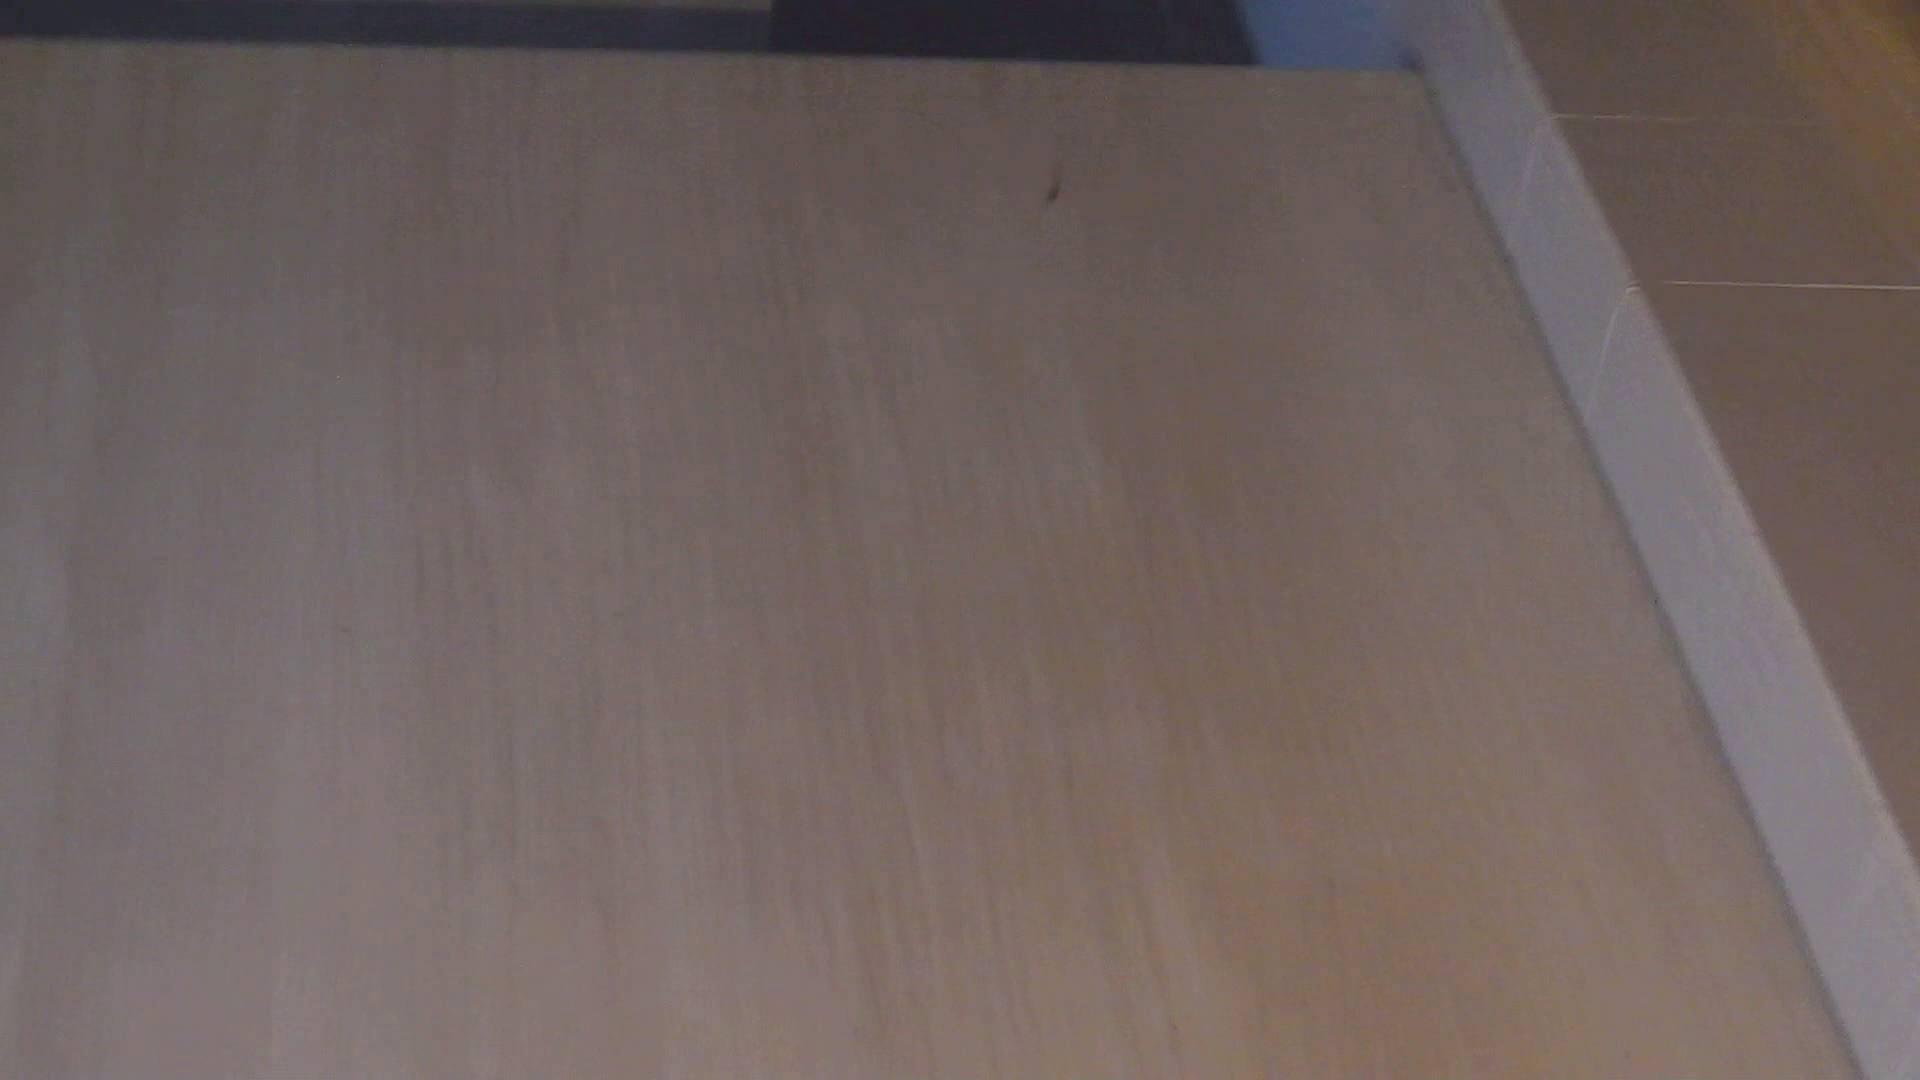 阿国ちゃんの「和式洋式七変化」No.4 和式・女子用 盗撮 31画像 12